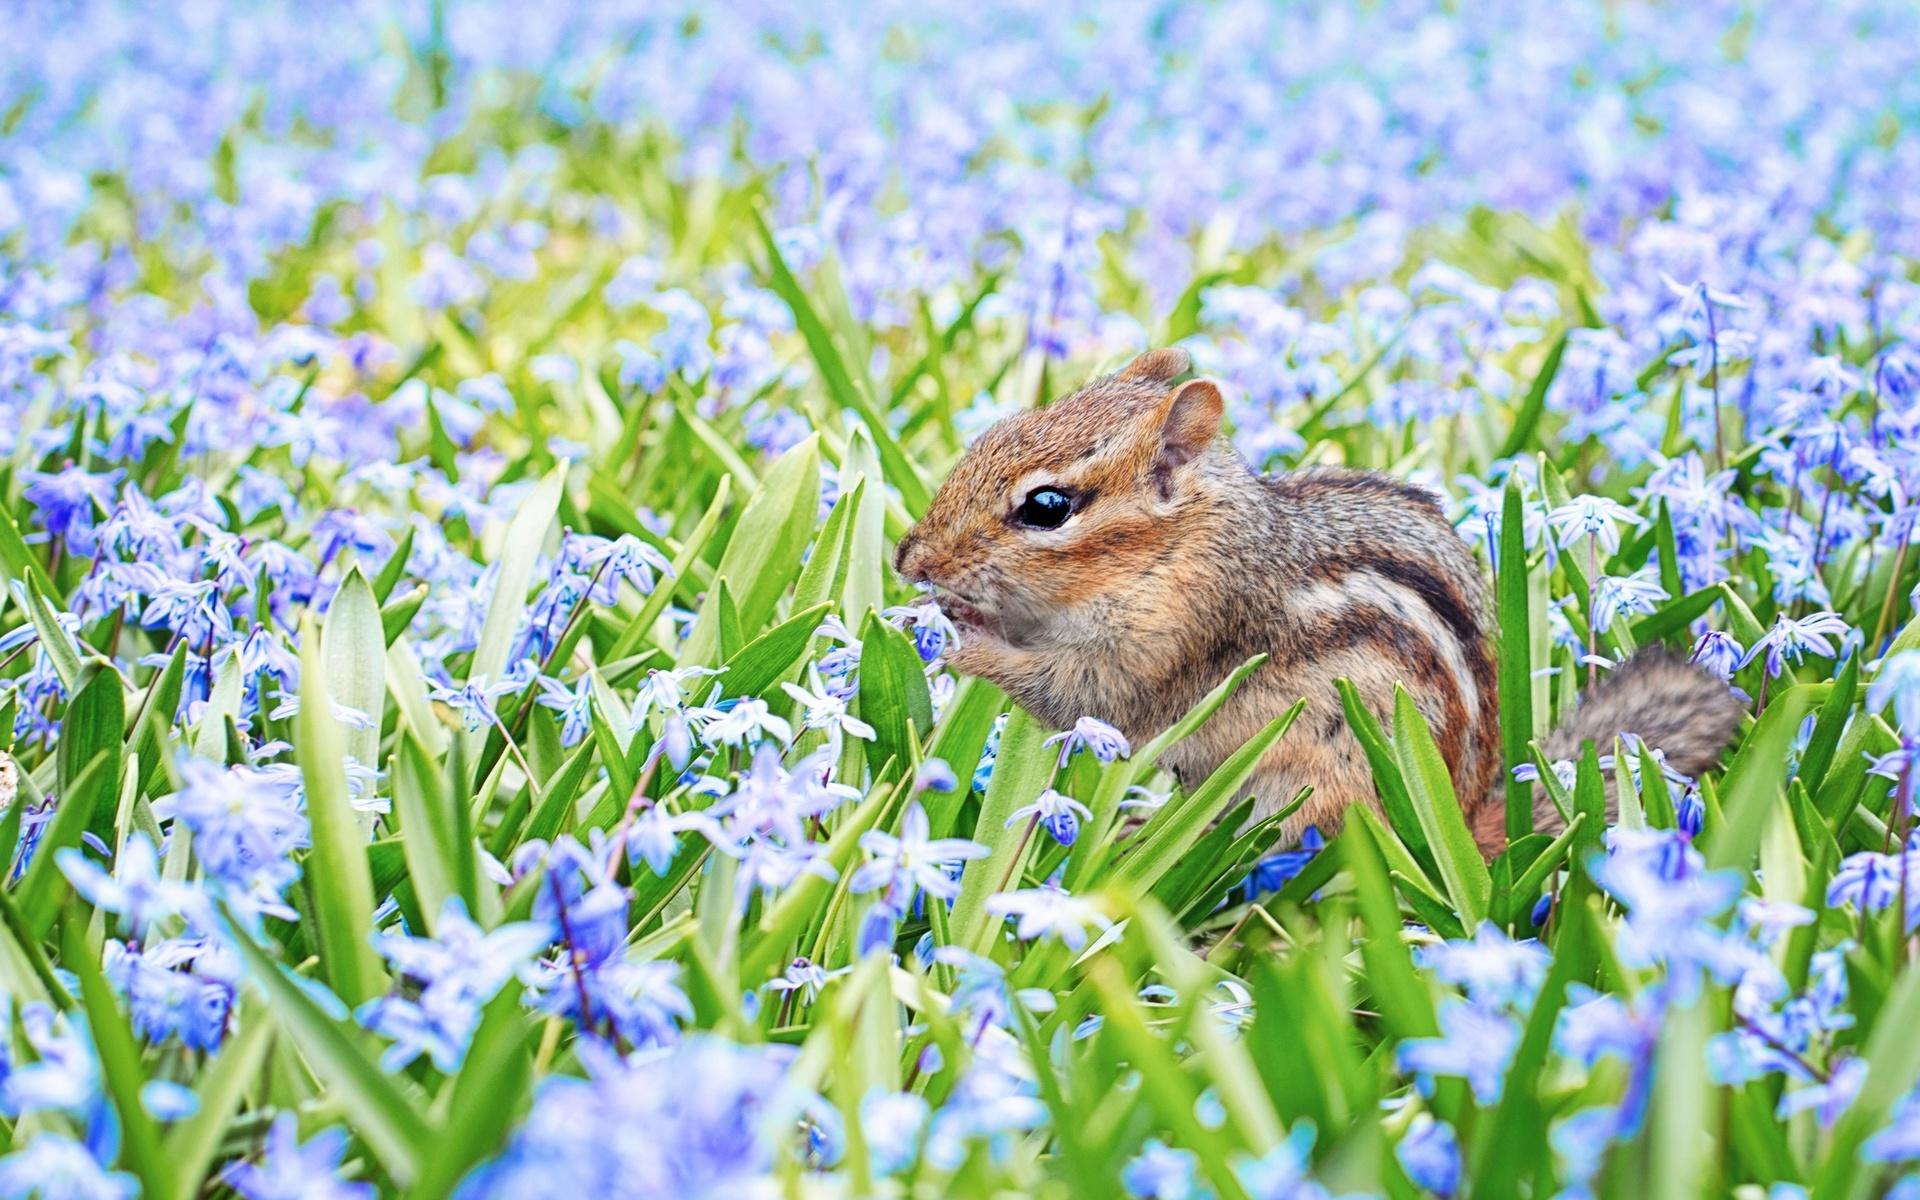 результате картинки весеннее пробуждение животных красиво получаются мягкие